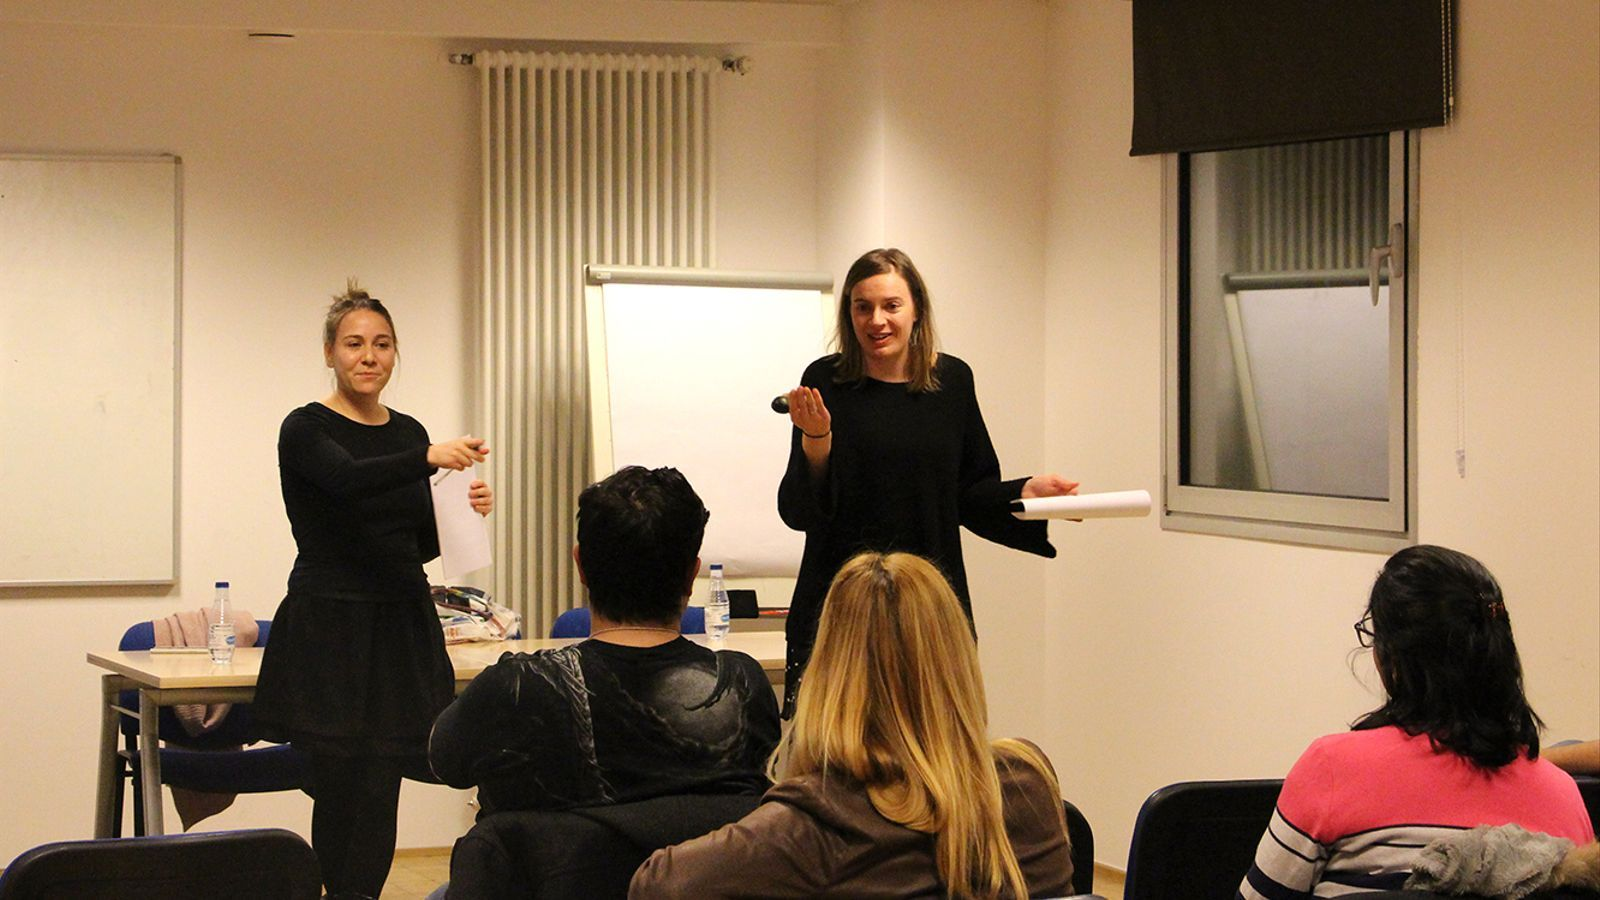 Stefi Ruano i Stefi Arajol, durant la formació que que han ofert a les entitats, aquest dimarts a la tarda. / M. F. (ANA)